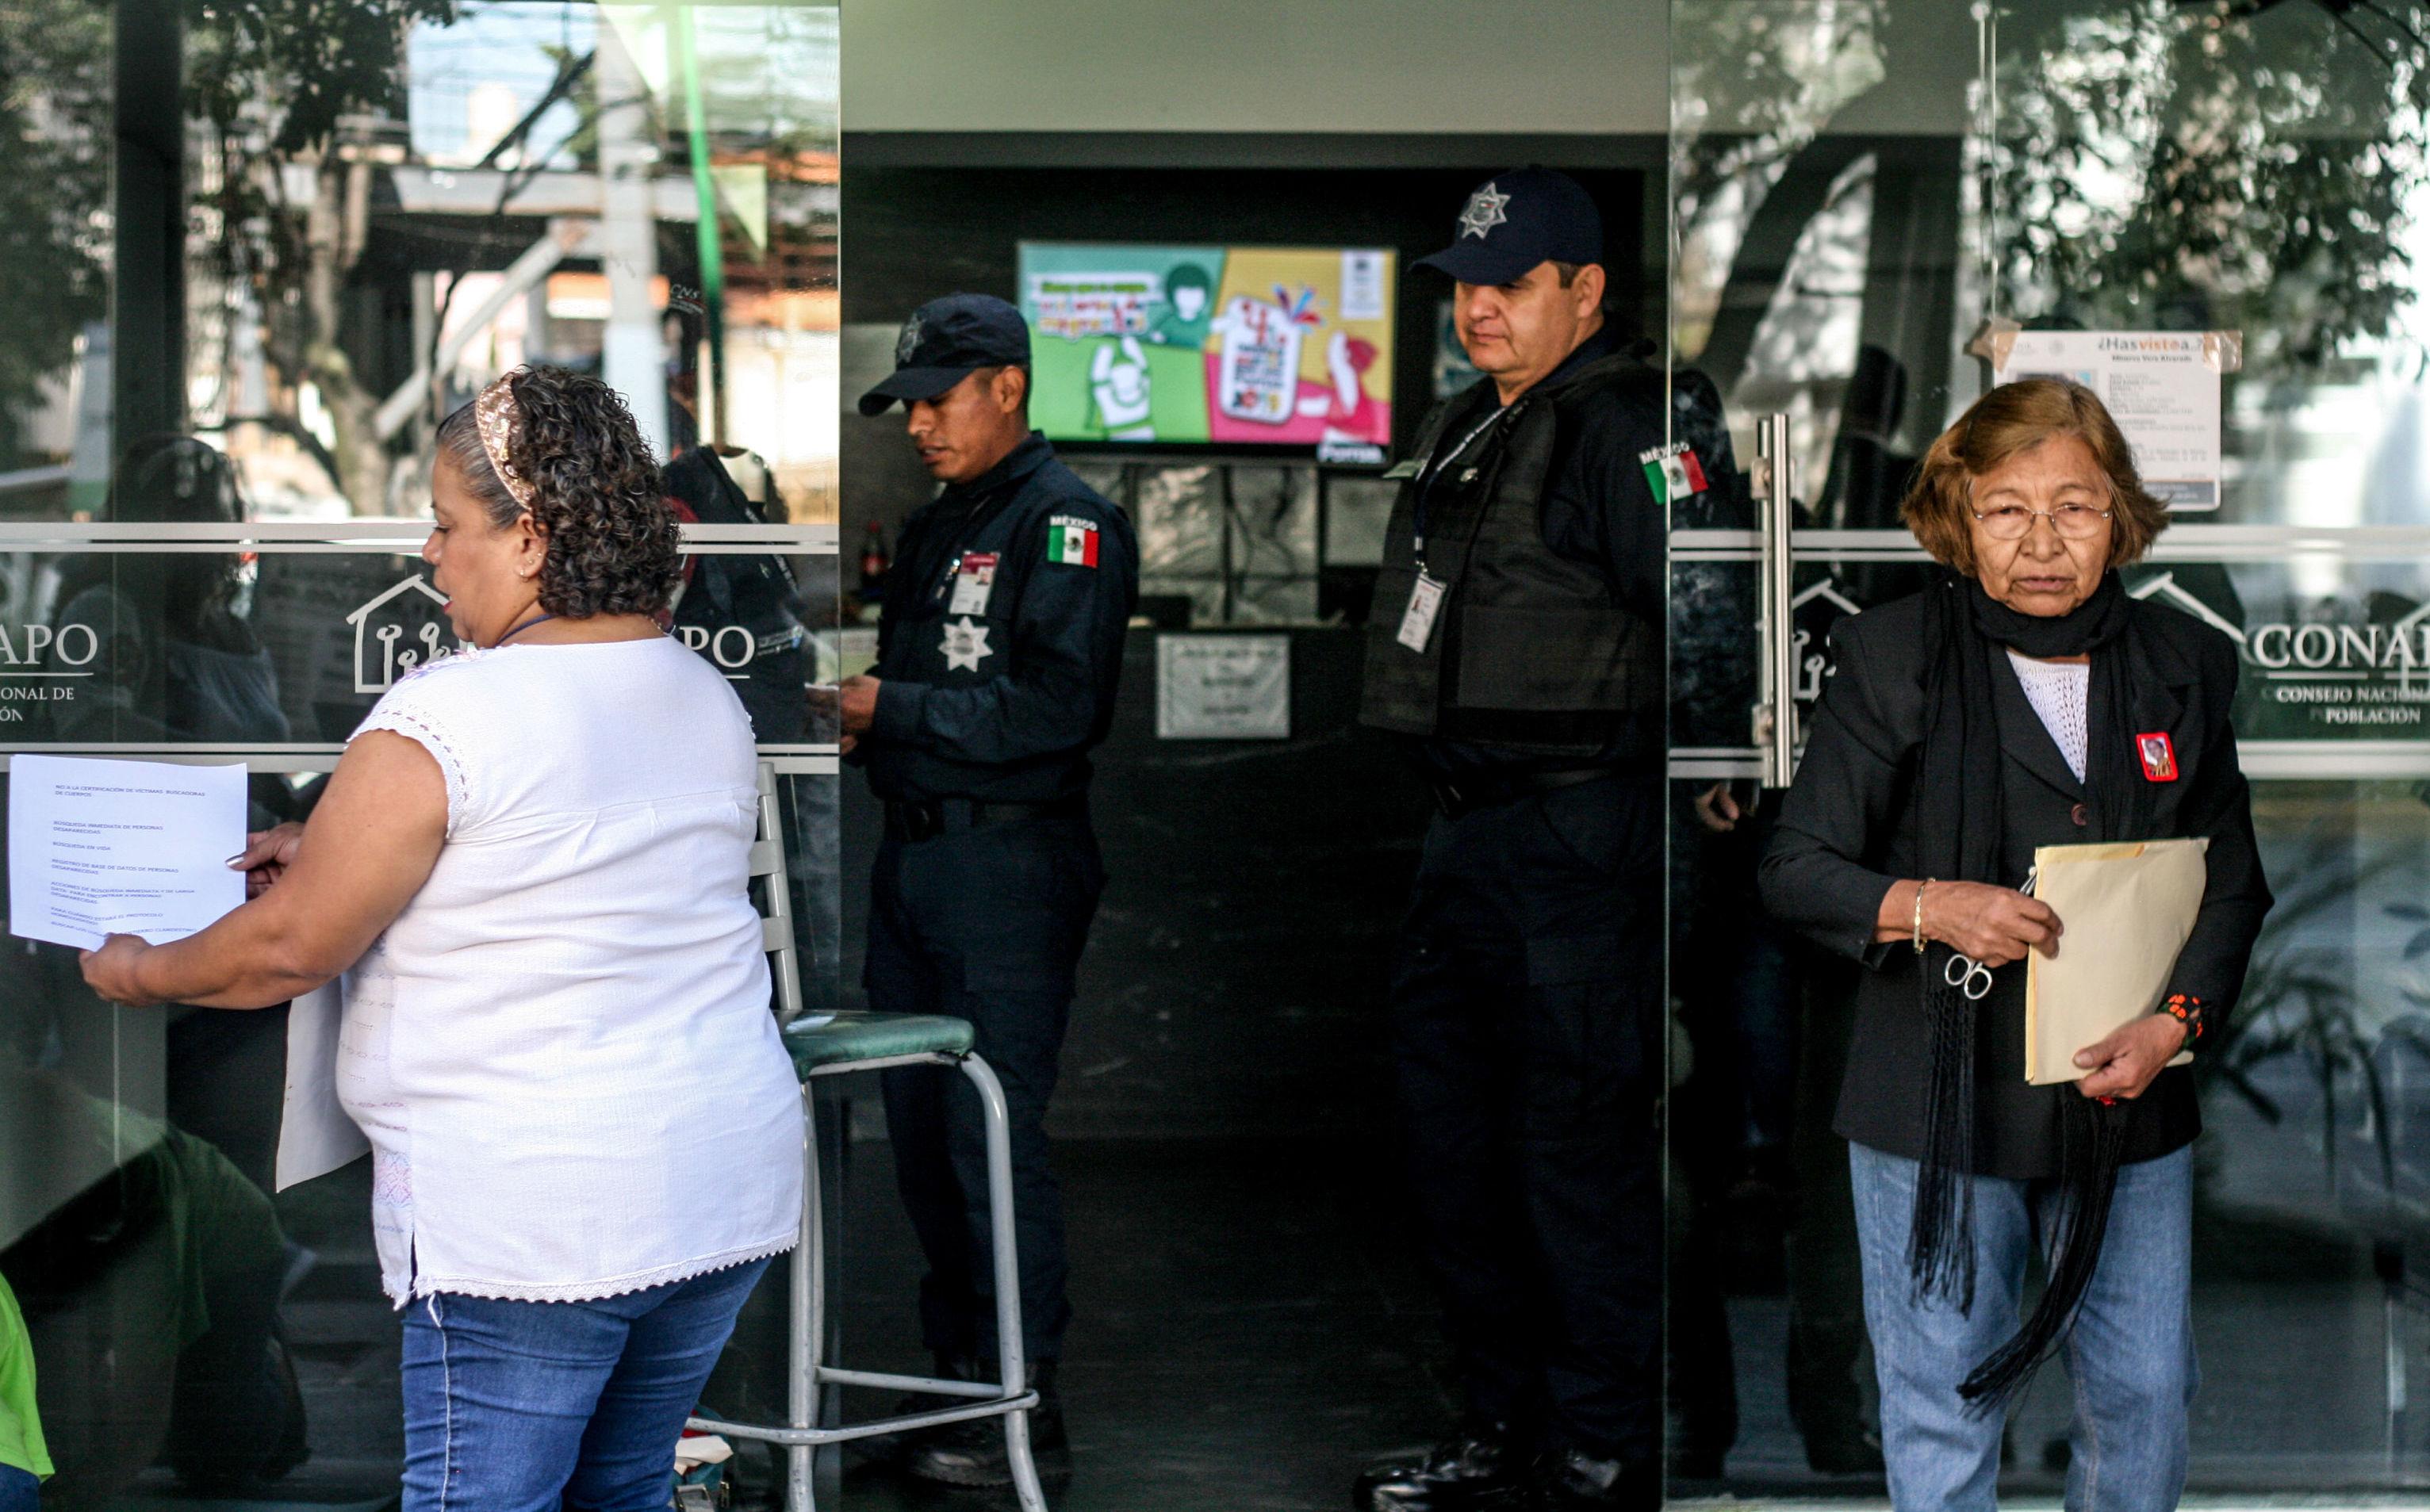 Patricia Manzanares y Teresa Vera durante la clausura simbólica de la Comisión Nacional de Búsqueda, en la ciudad de México, durante el día internacional de las víctimas de desaparición forzada